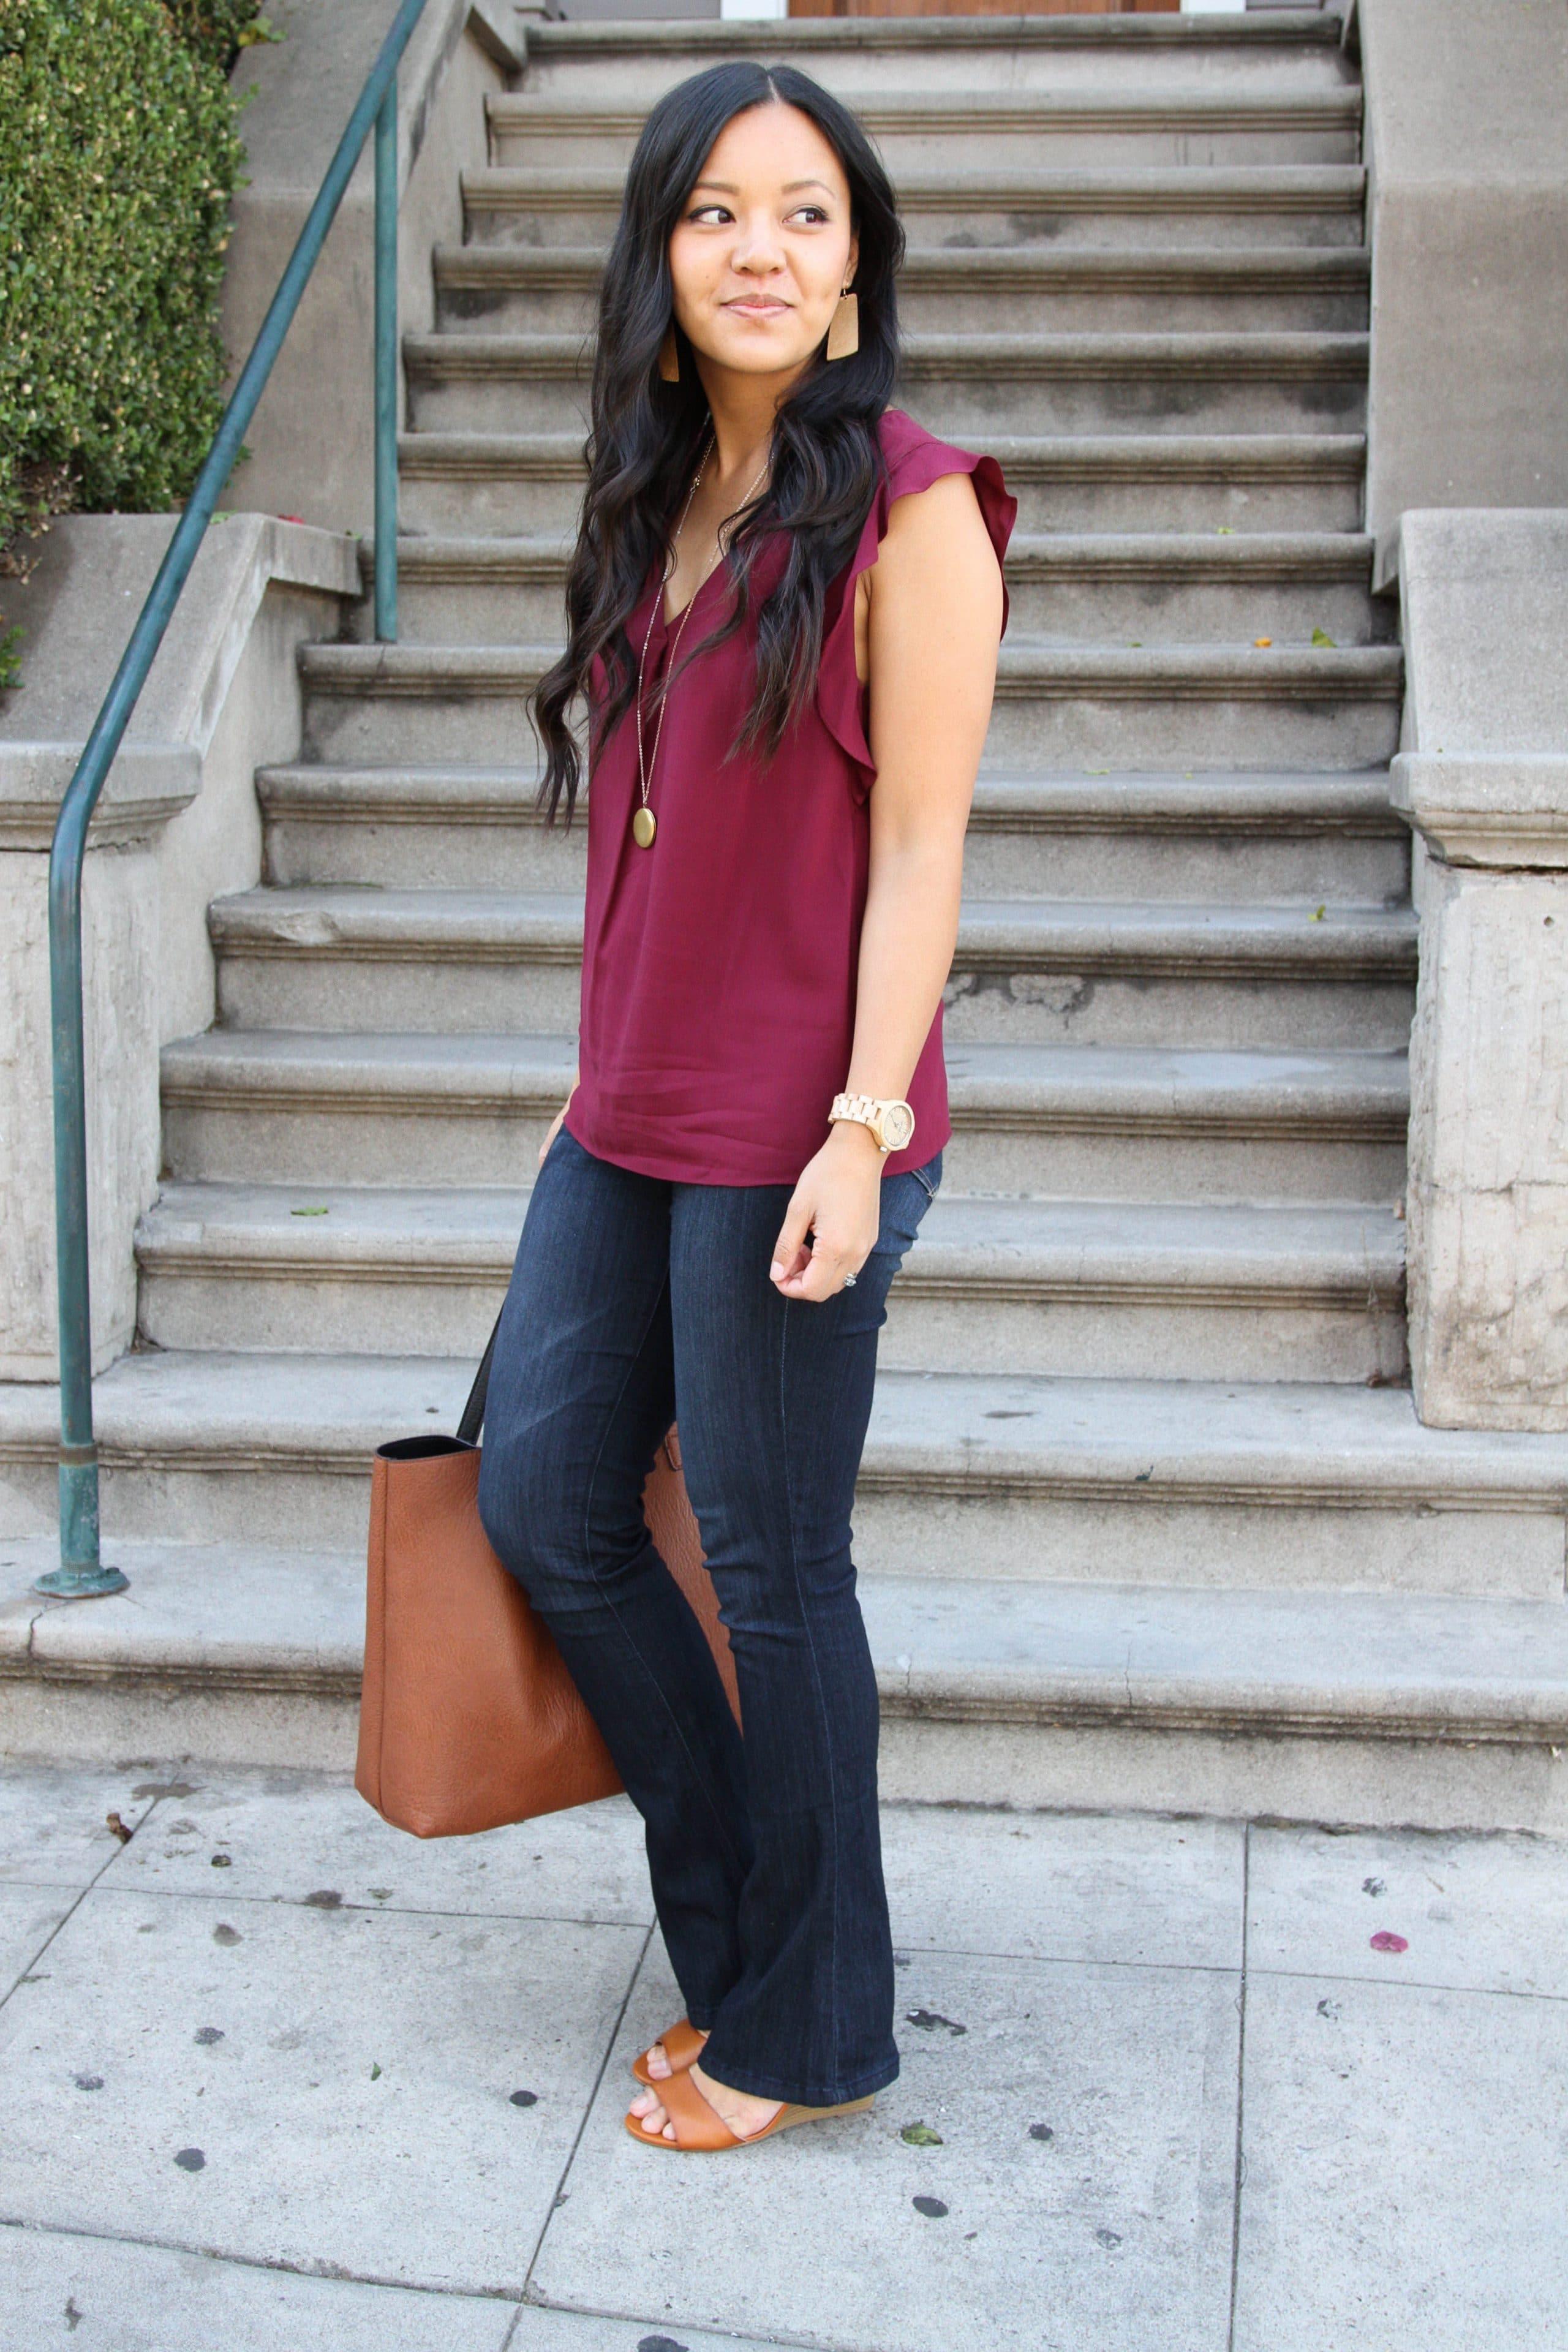 bootcut jeans + maroon top + wedges + cognac tote